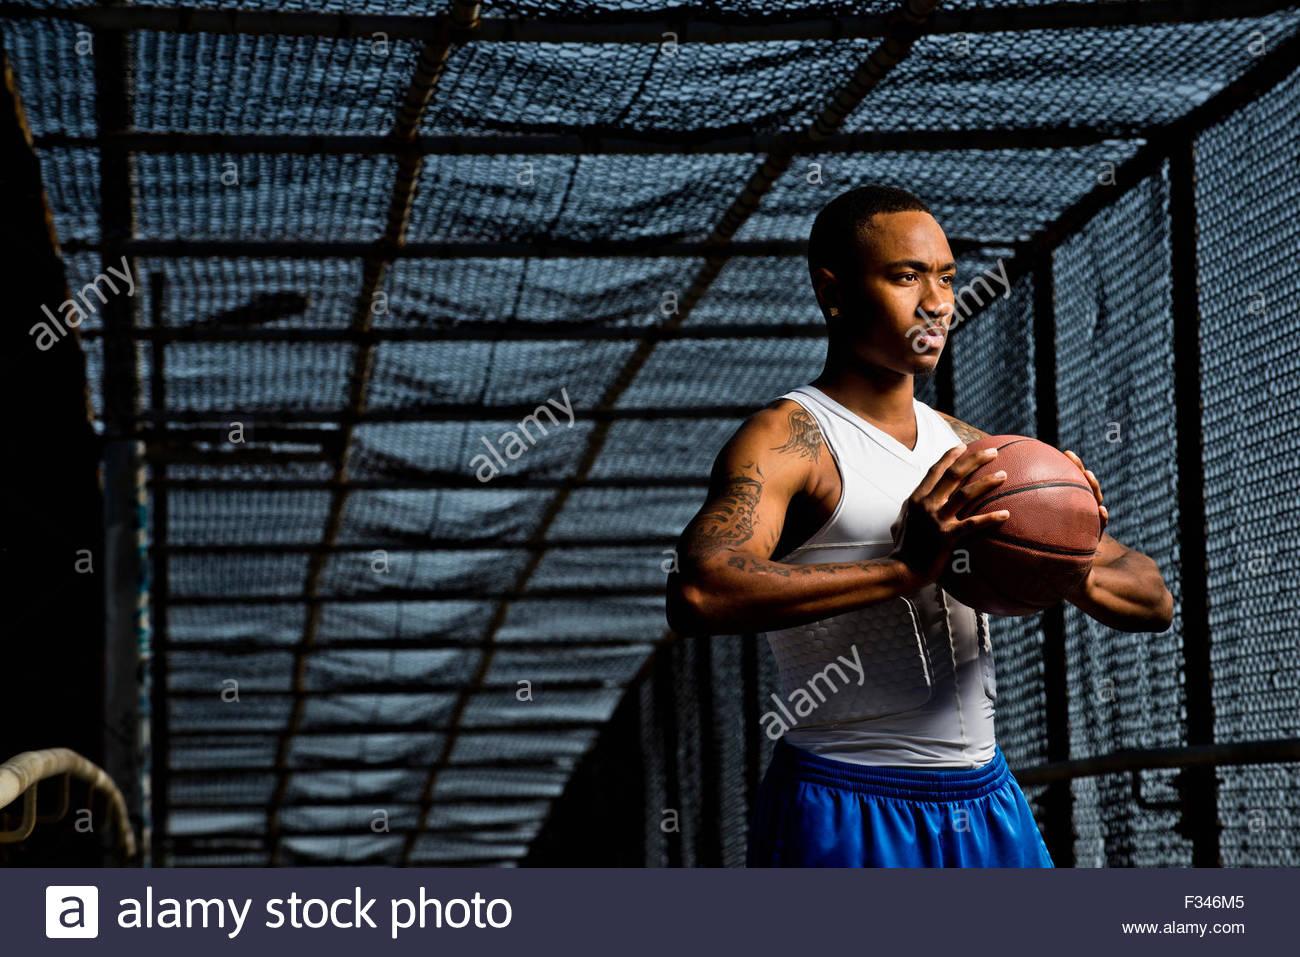 Un jeune homme pose avec un terrain de basket-ball. Photo Stock